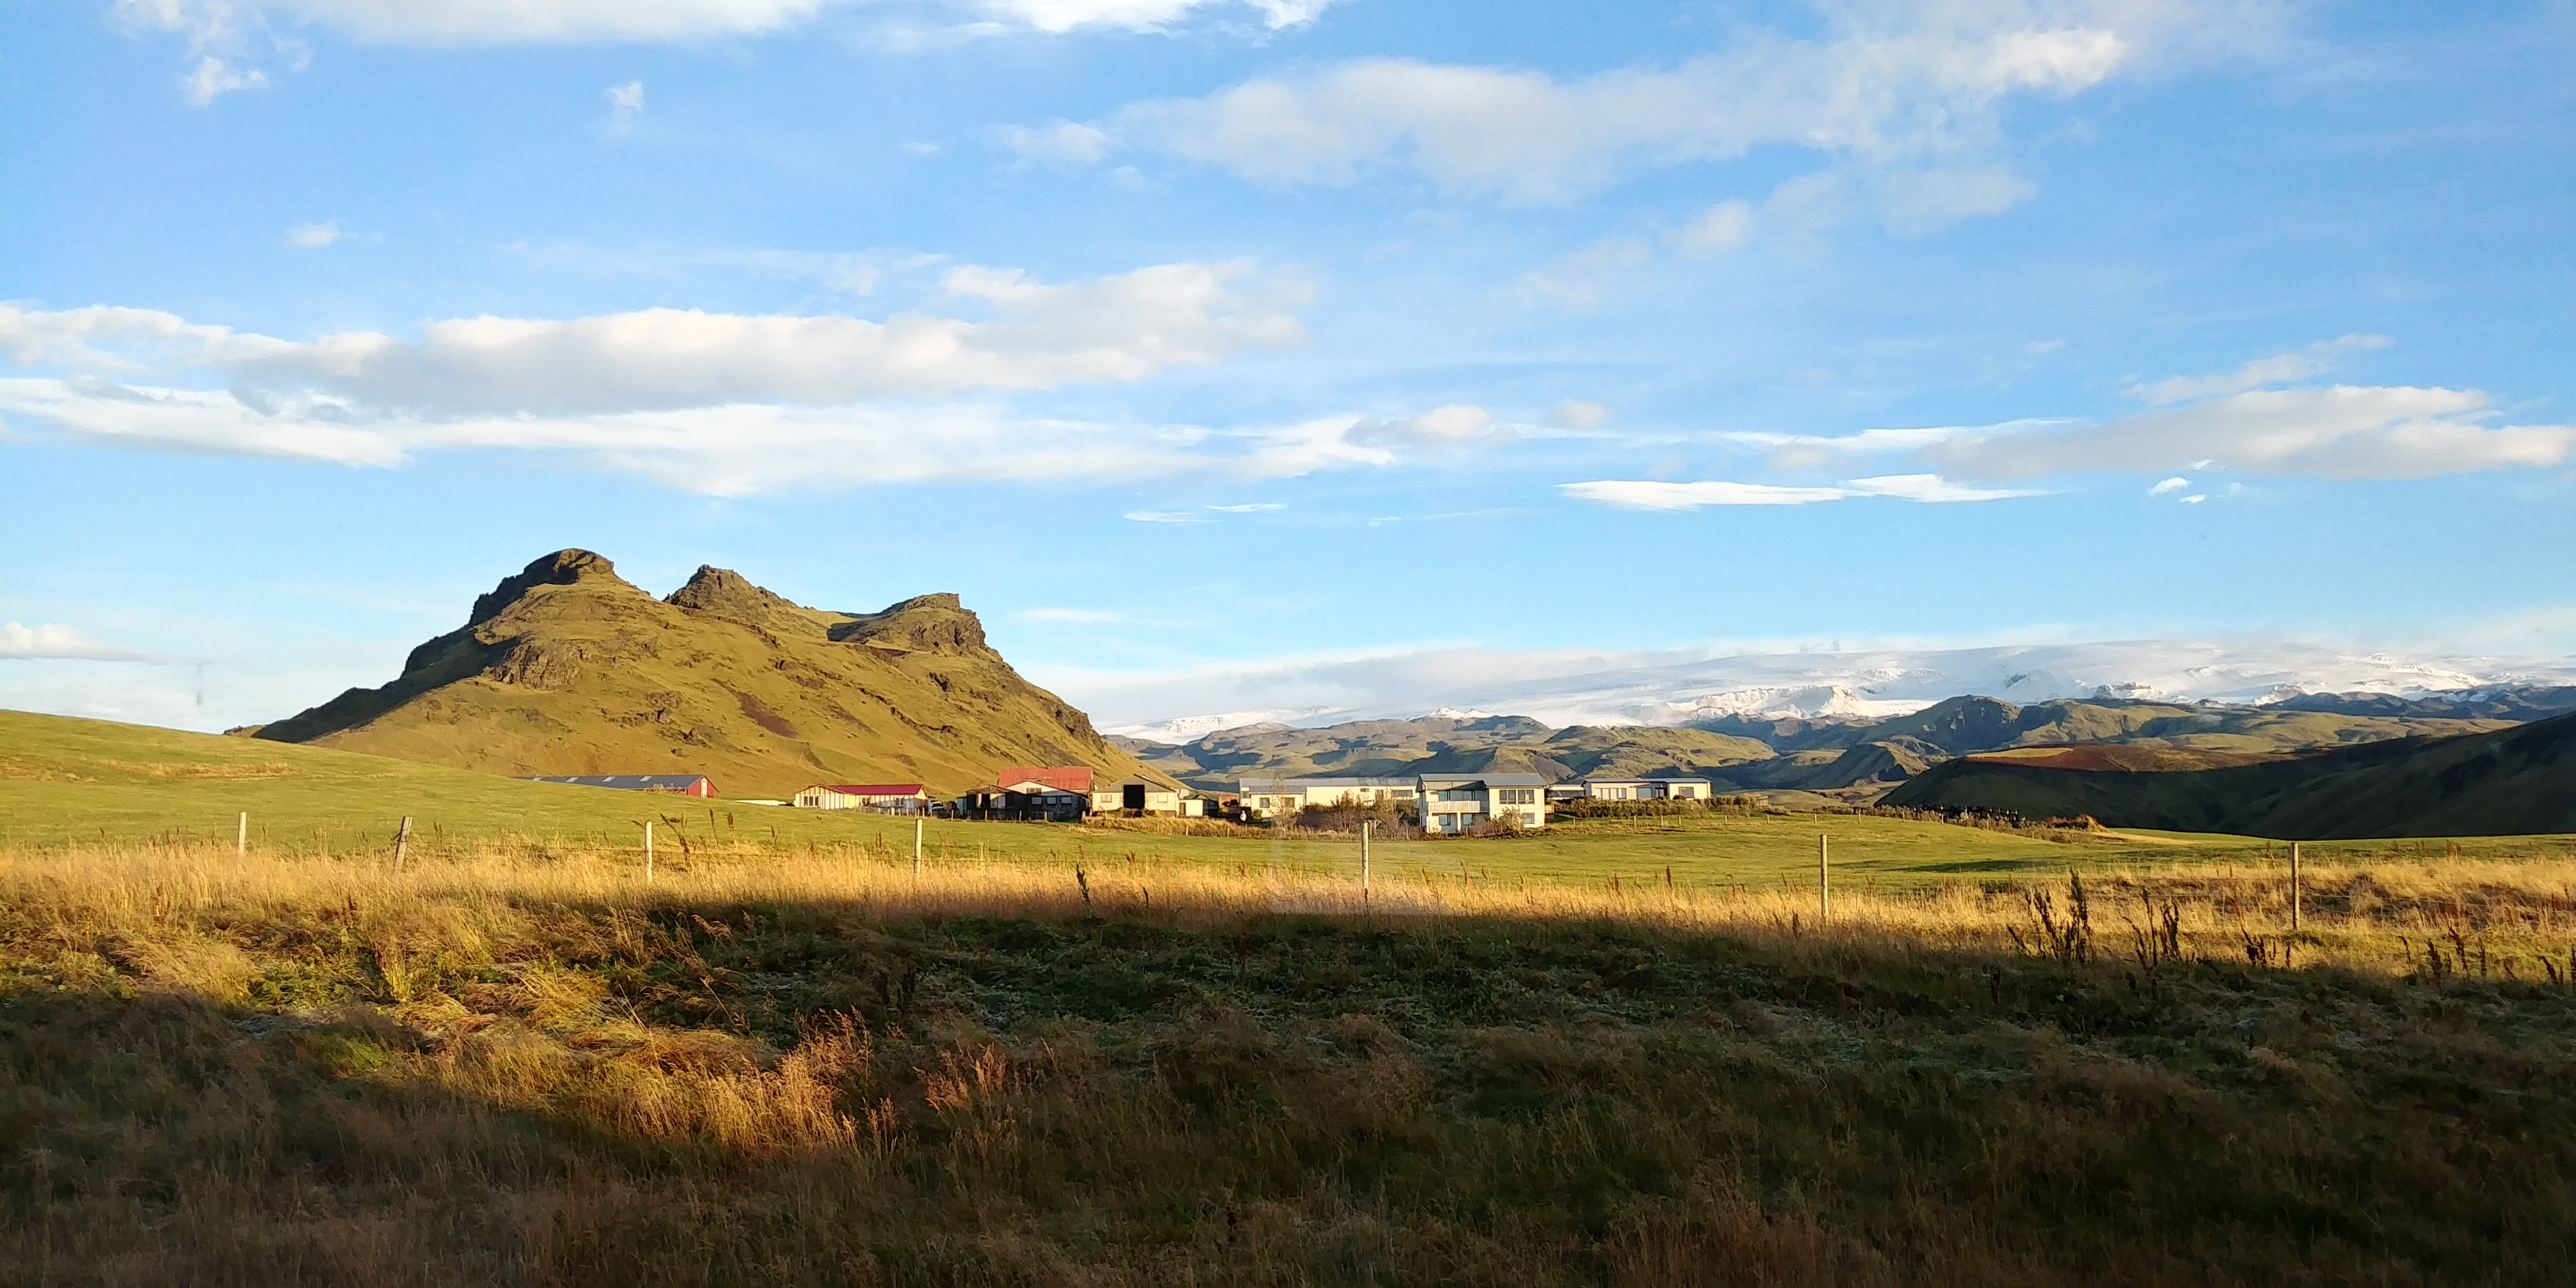 아이슬란드로 떠나기 위해 준비해야할 것들